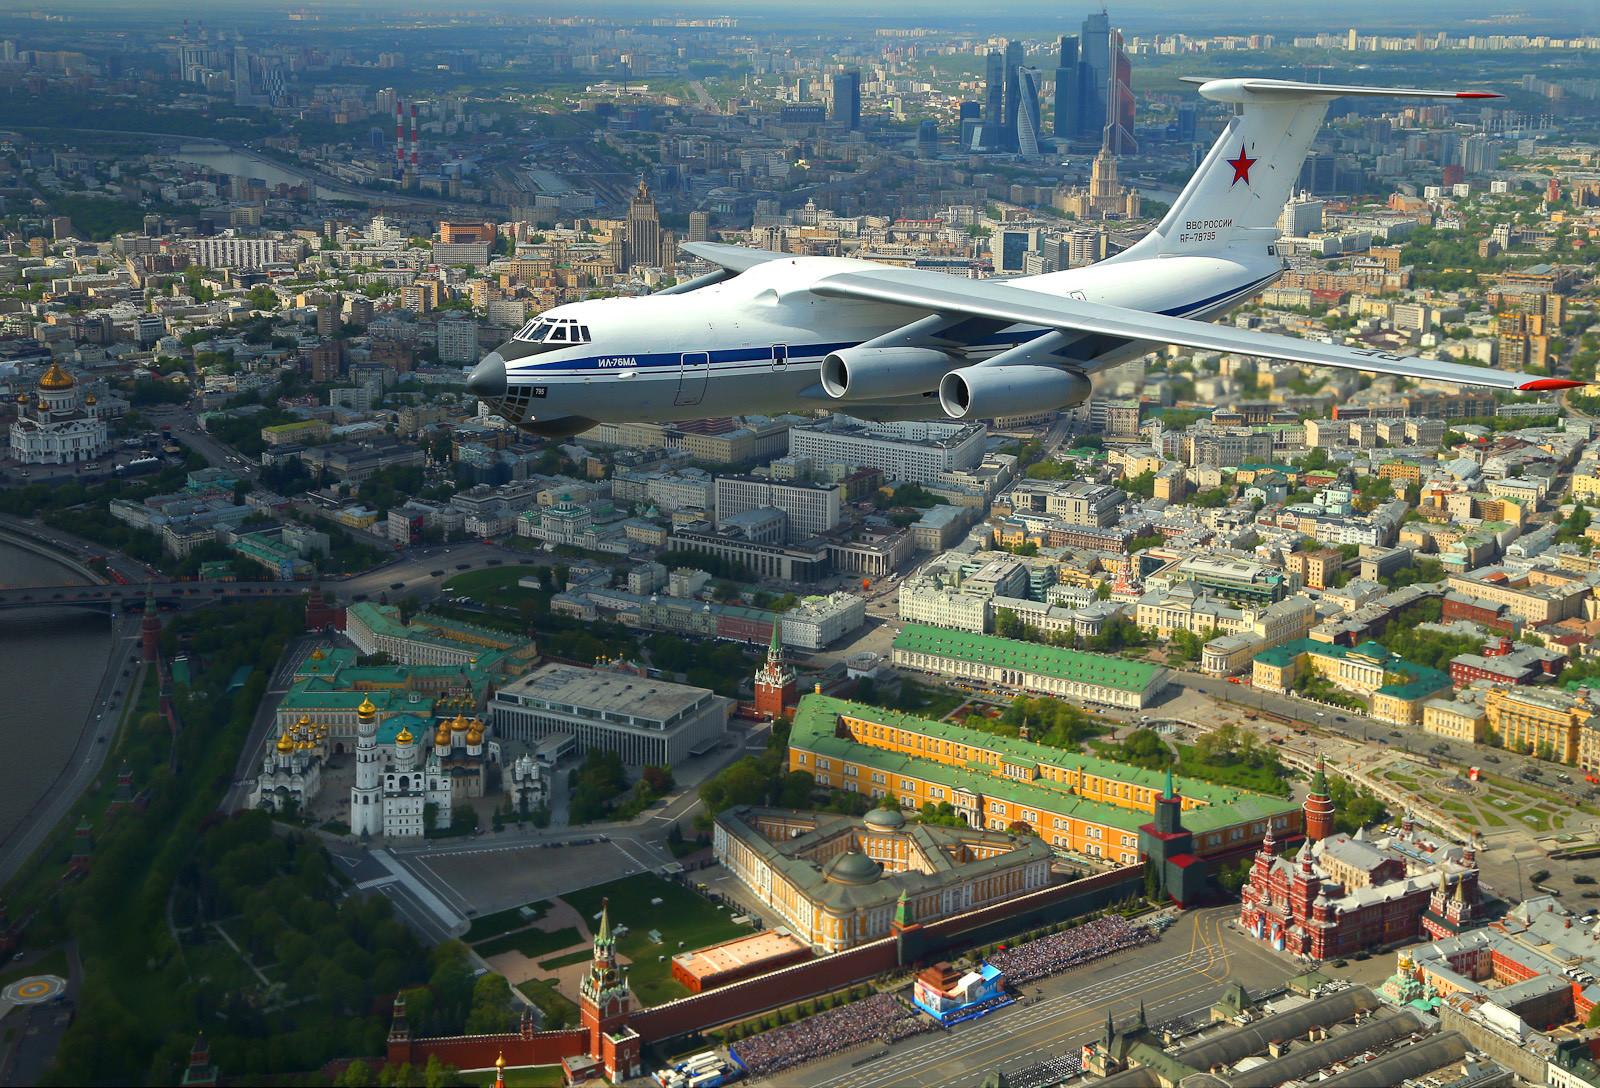 Ein multifunktionales schweres Transportflugzeug Iljuschin Il-76über dem Moskauer Kreml